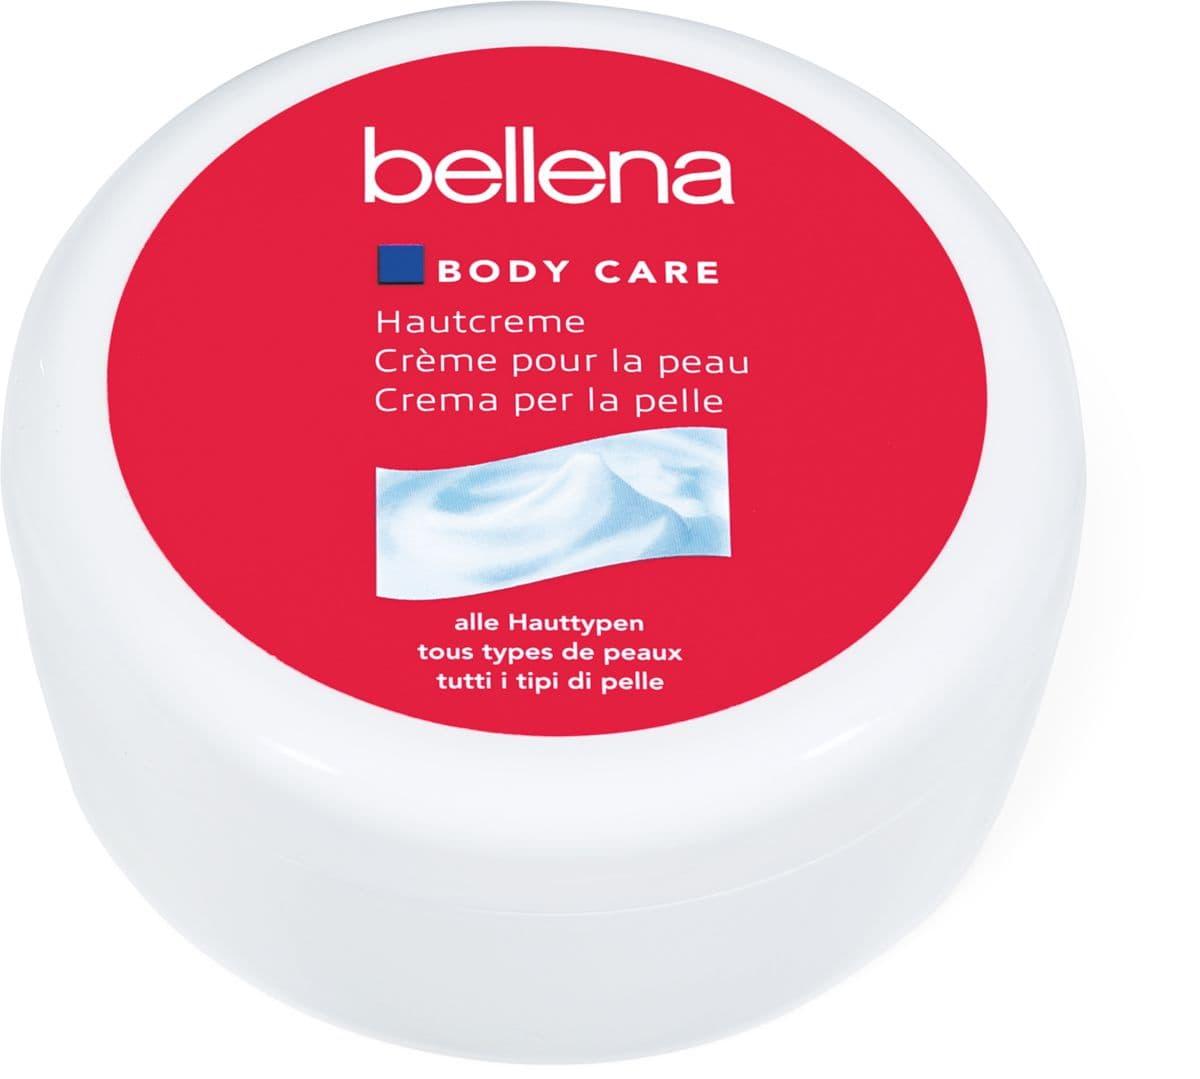 Bellena Creme pour la peau